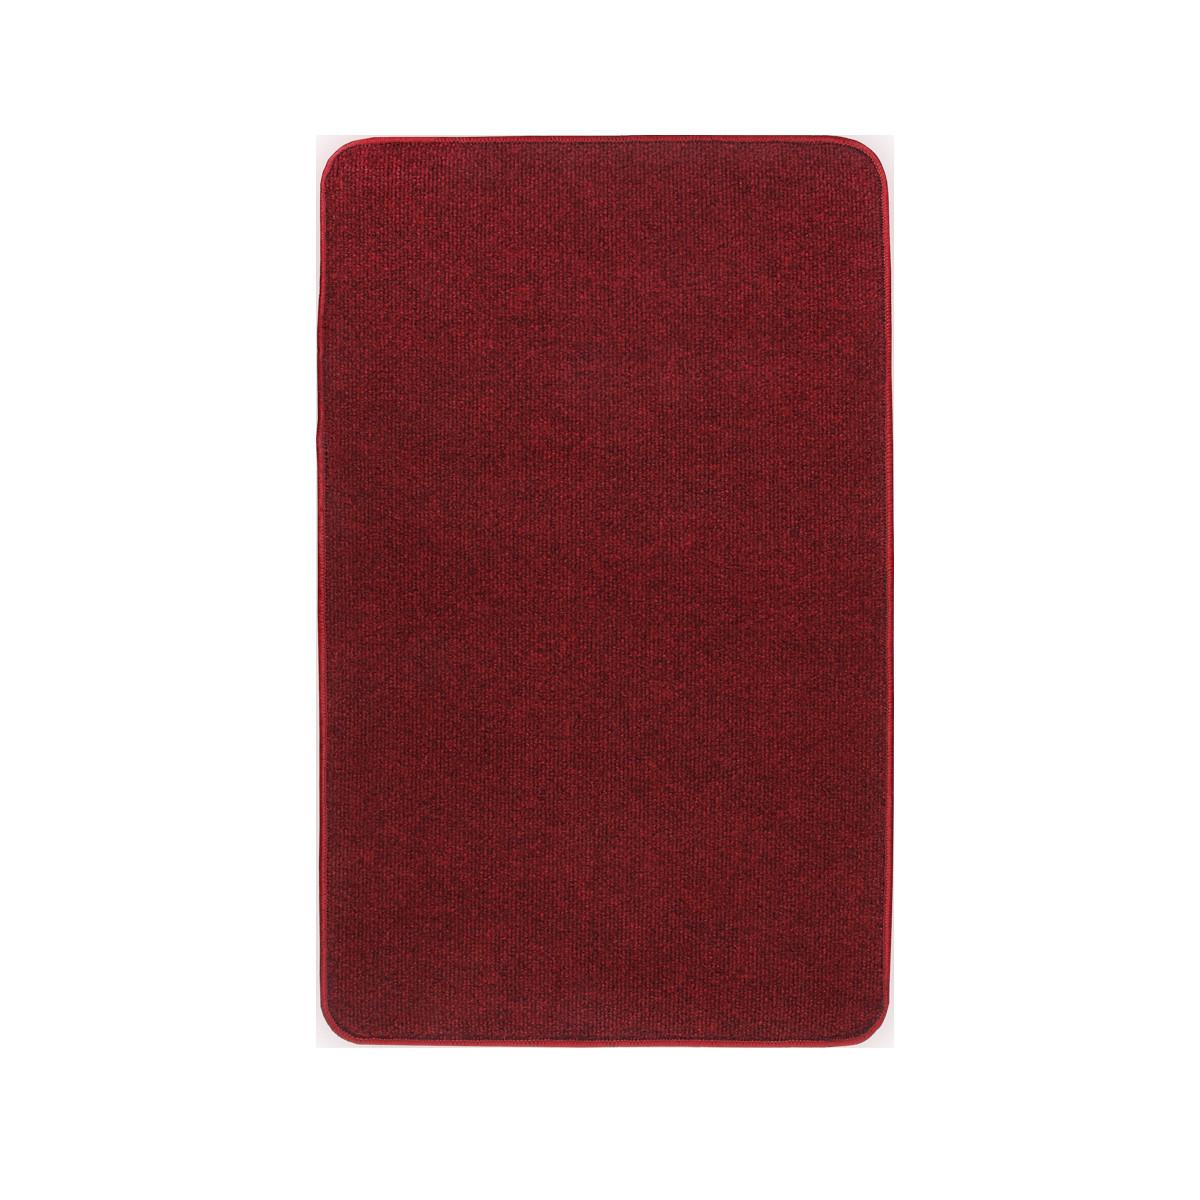 Электрический коврик с подогревом Теплик двусторонний 50 х 80 см Темно-красный